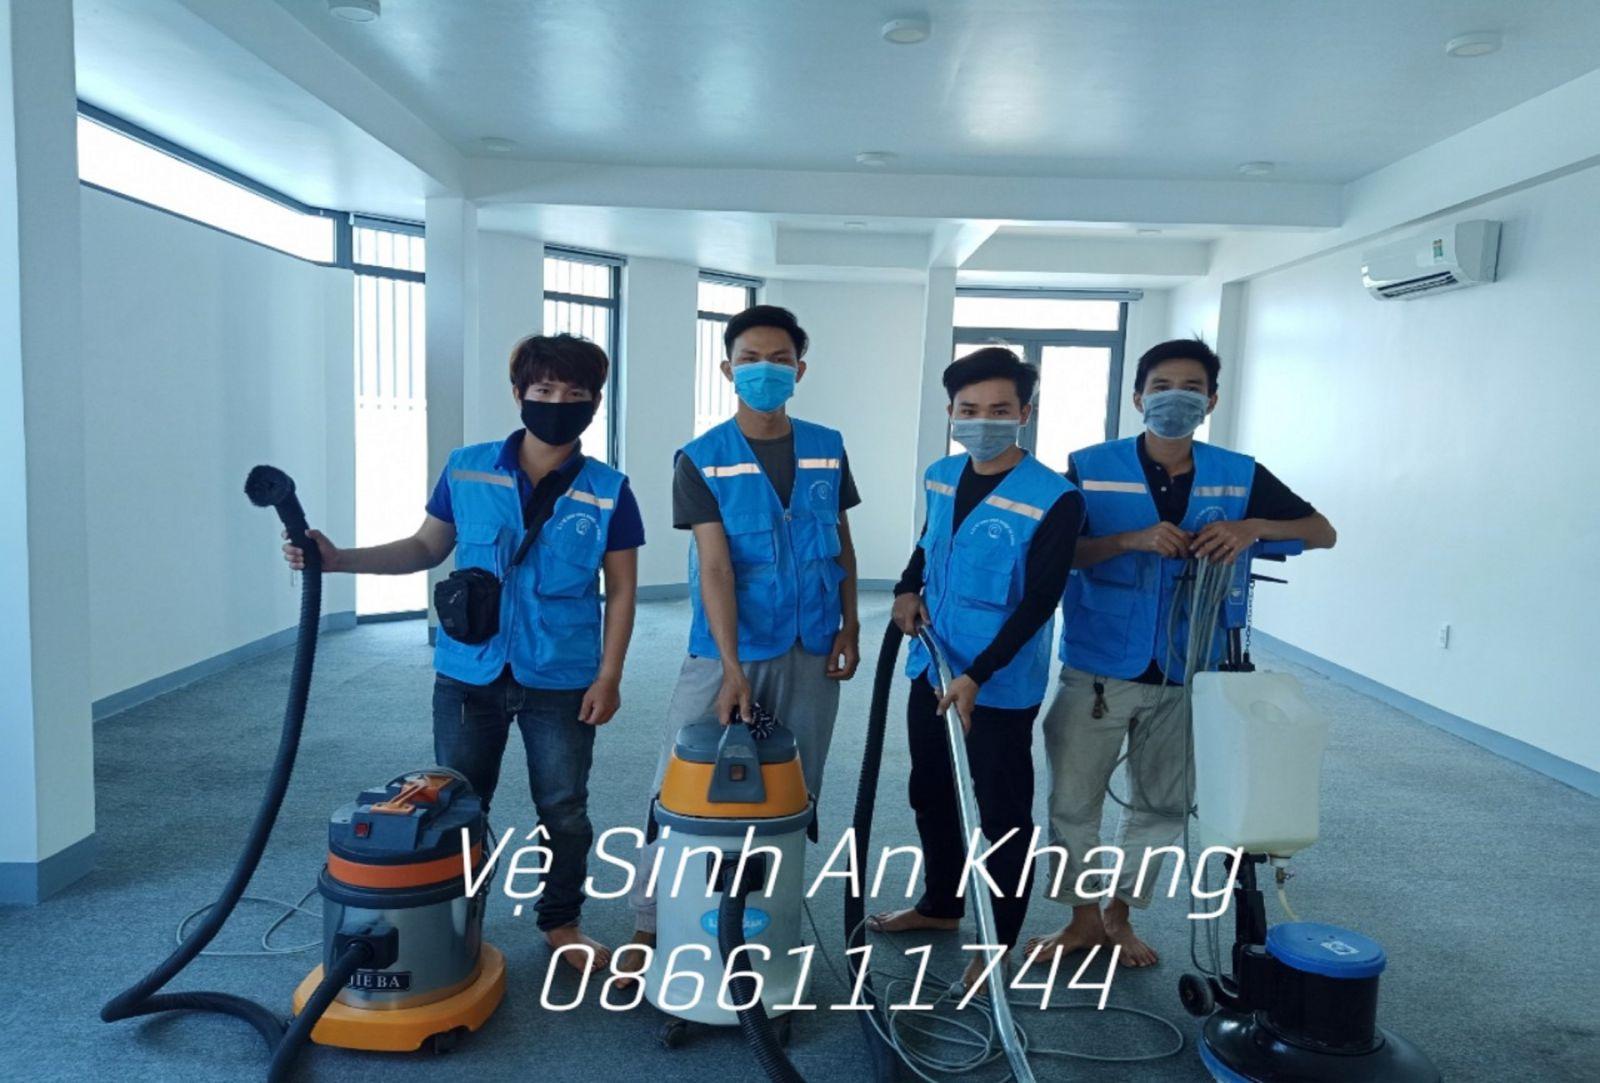 dịch vụ vệ sinh công nghiệp giá rẻ tại tphcm